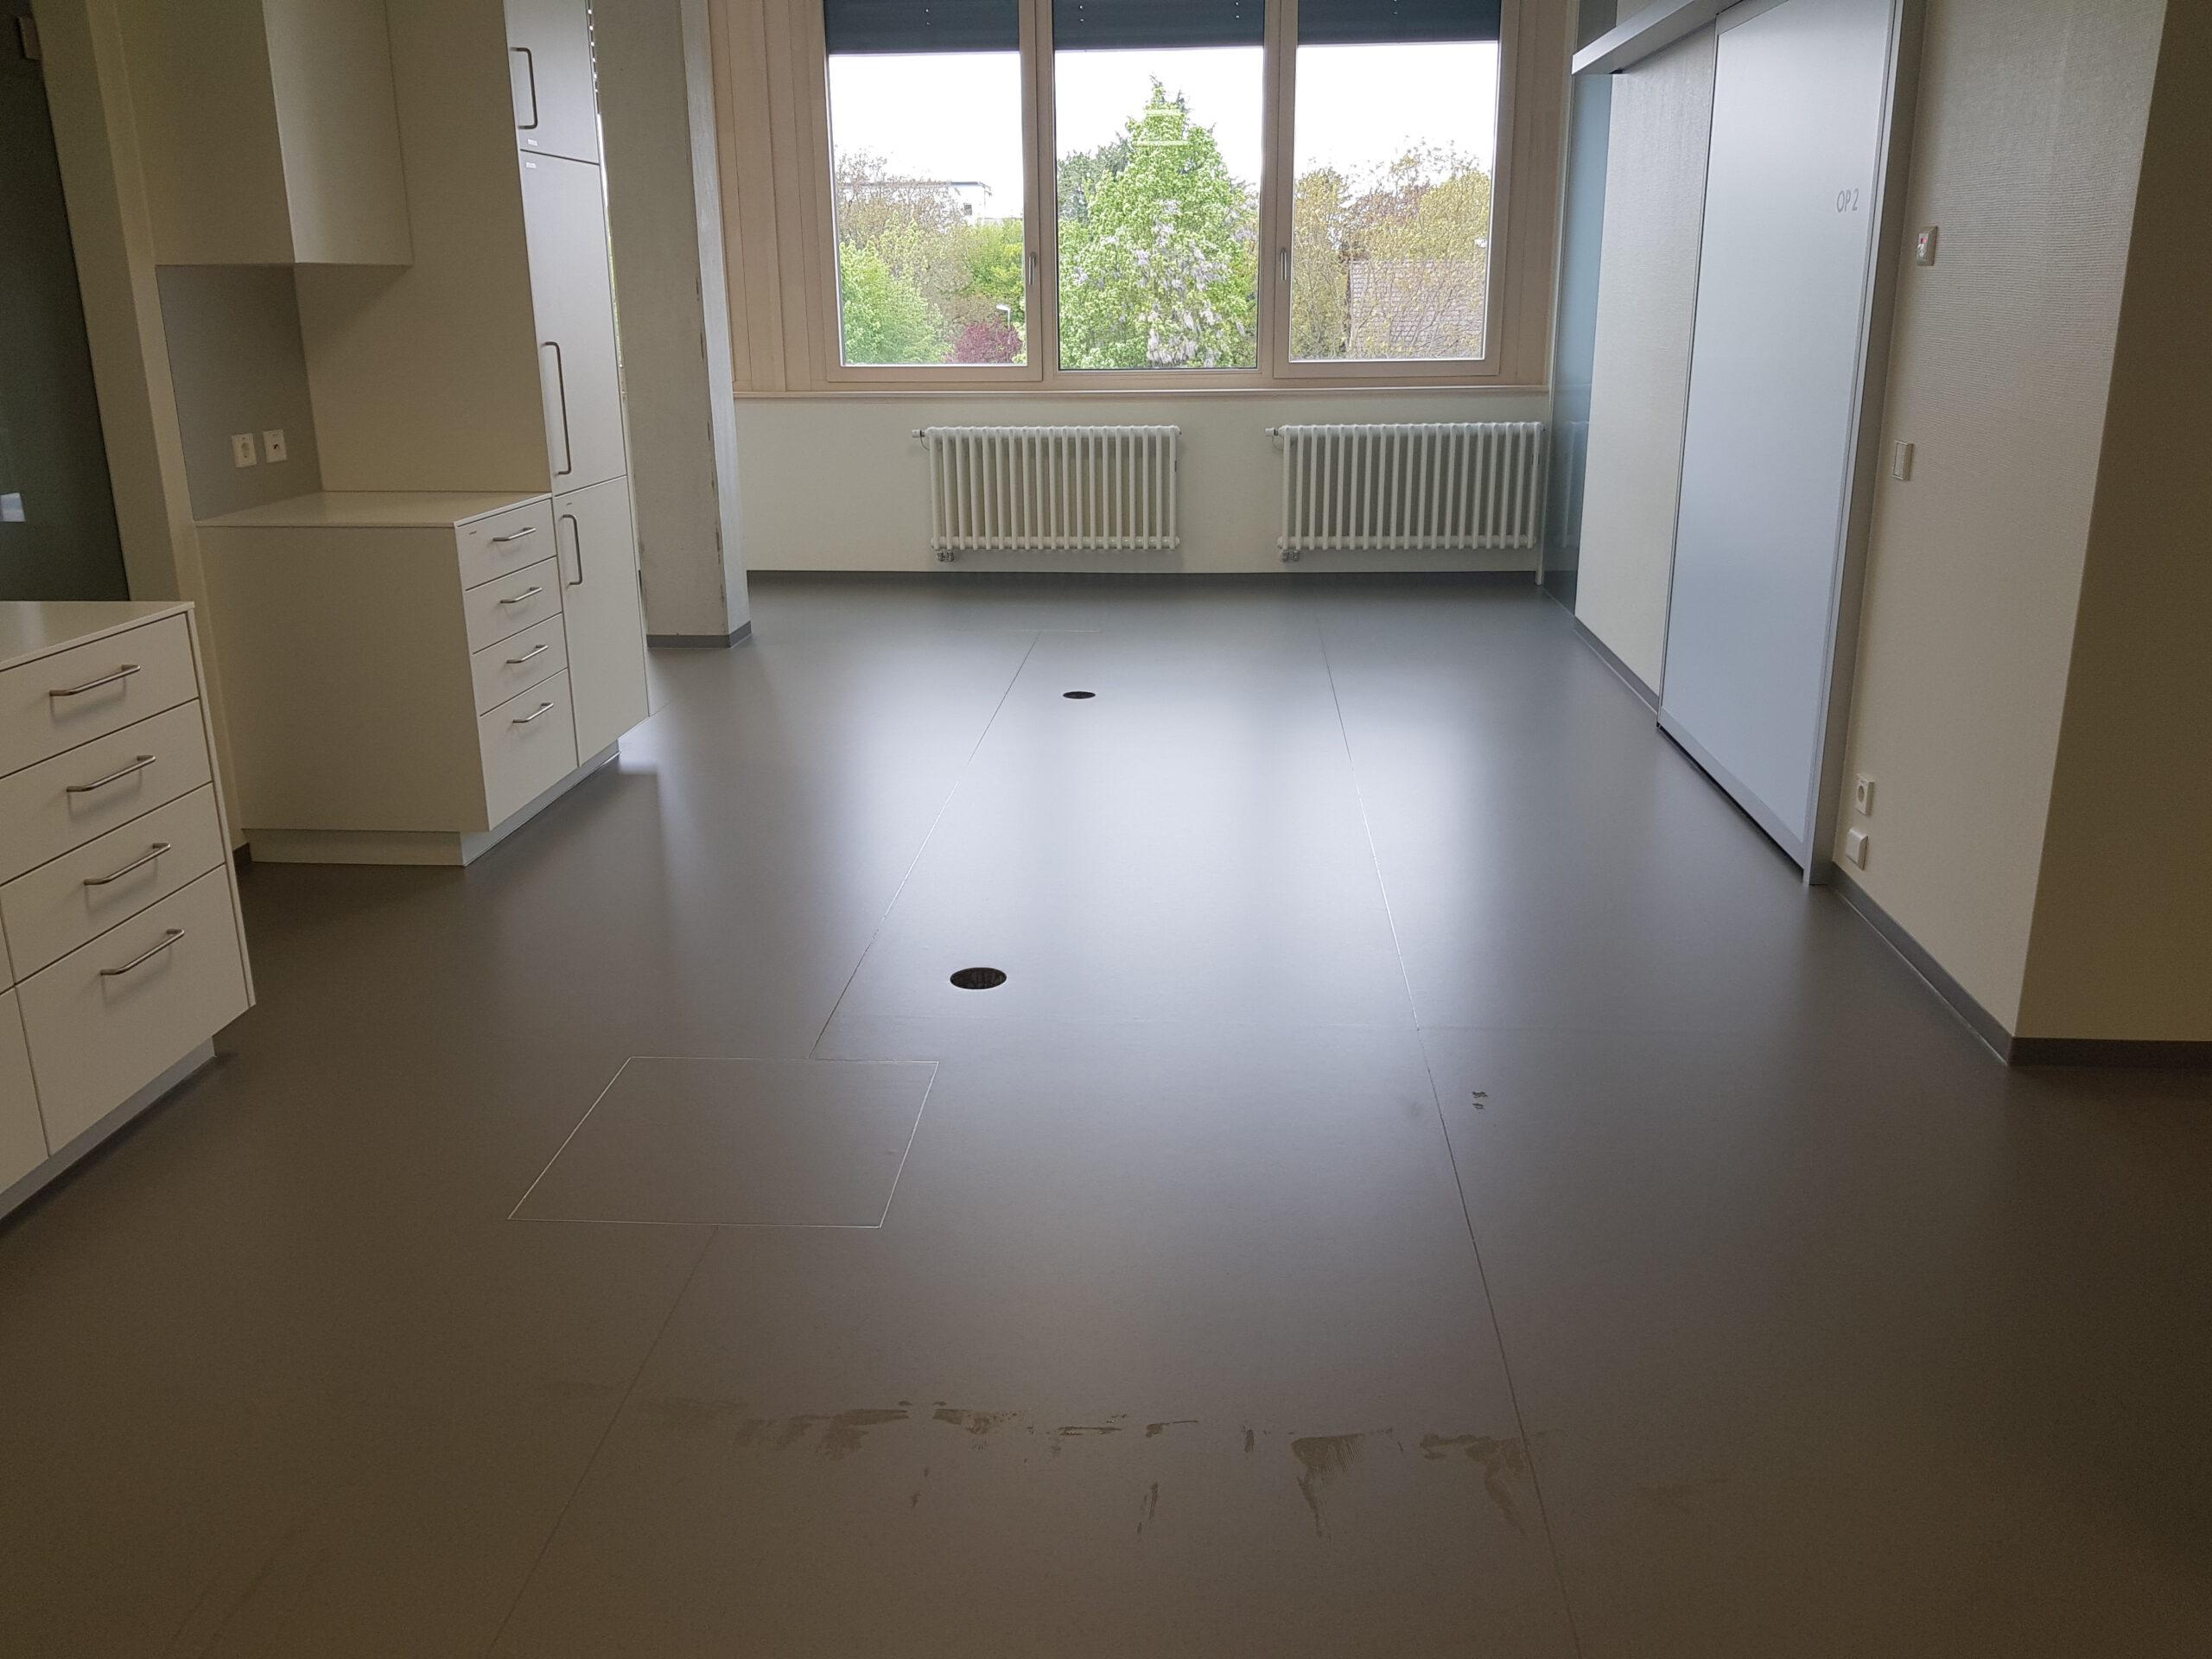 Kautschuk-Bodenbelag für Ärztehaus 5